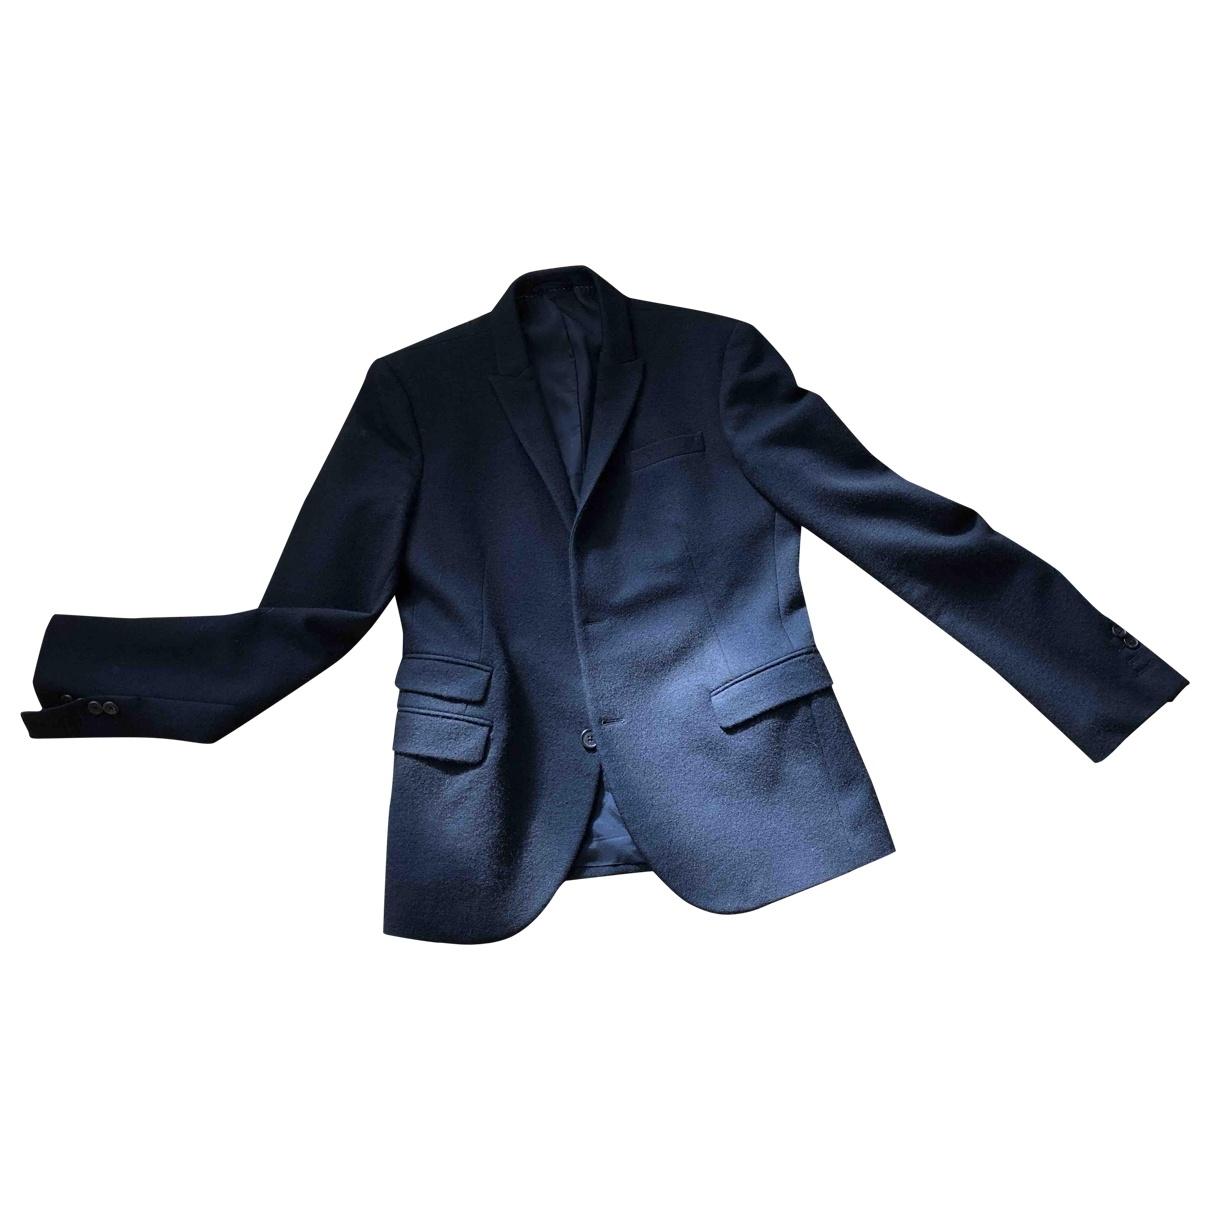 Neil Barrett \N Black Wool jacket  for Men 48 IT